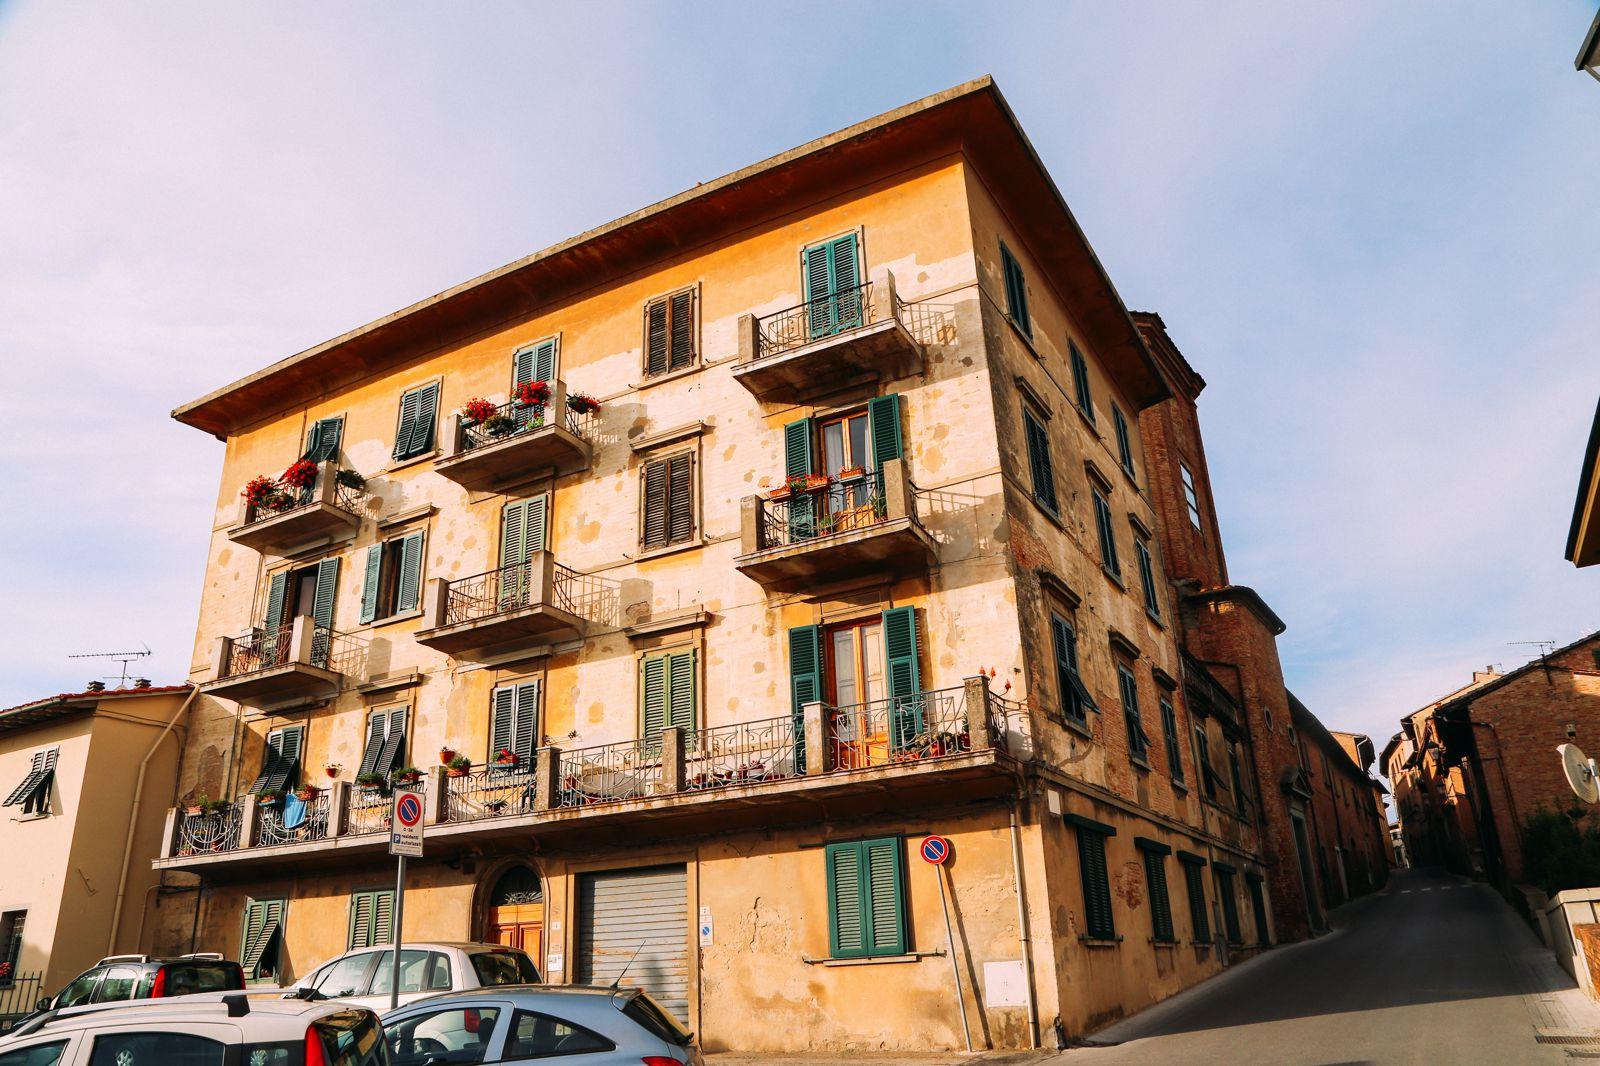 The Beautiful Tuscan Town Of San Miniato, Italy (34)